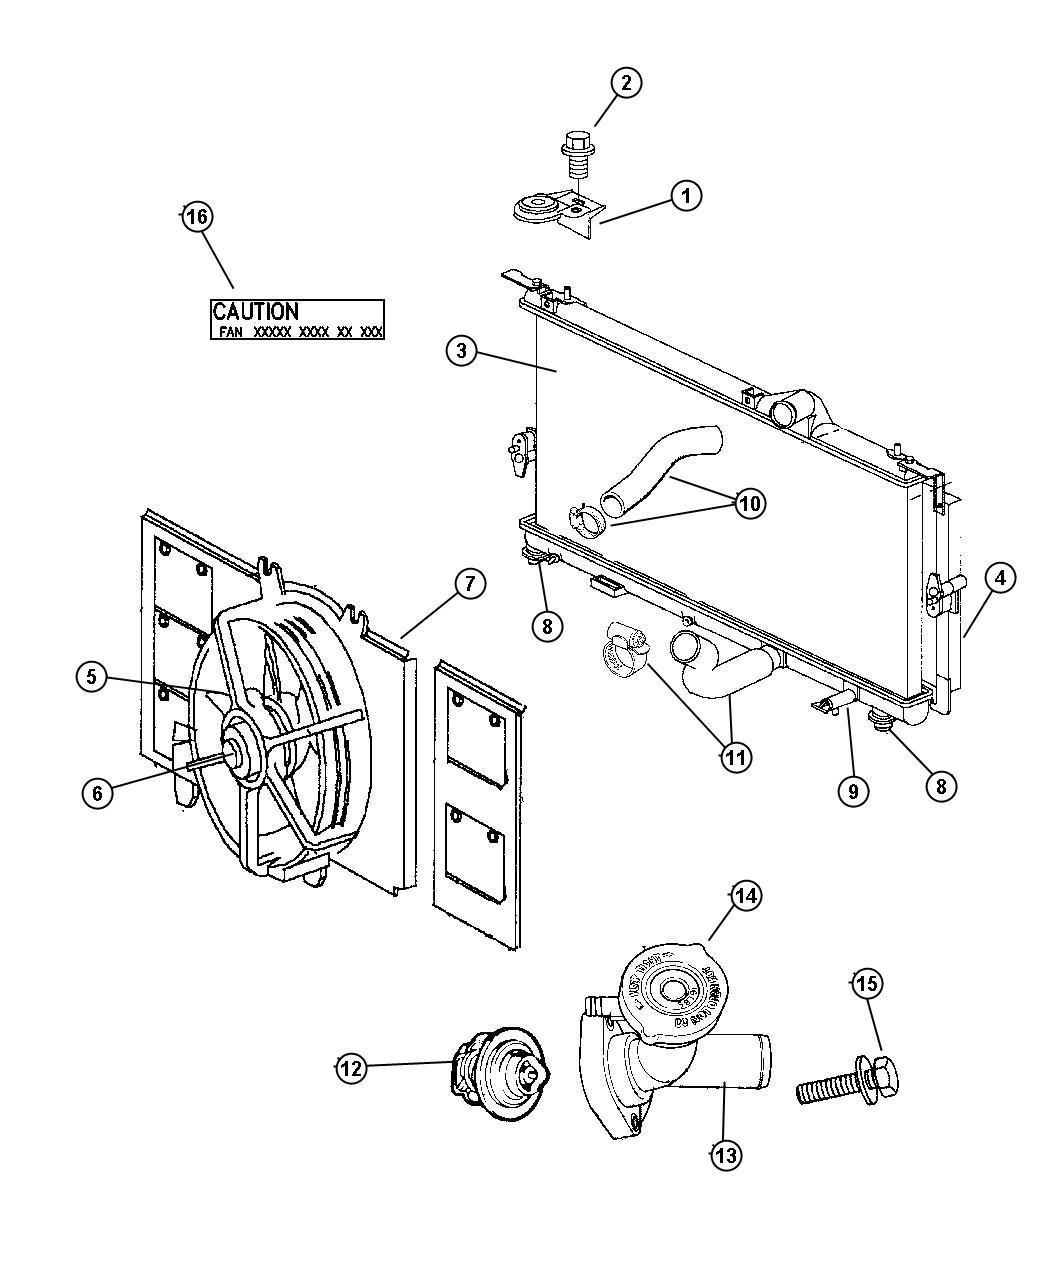 Dodge Nitro Condenser Air Conditioning Plumbing